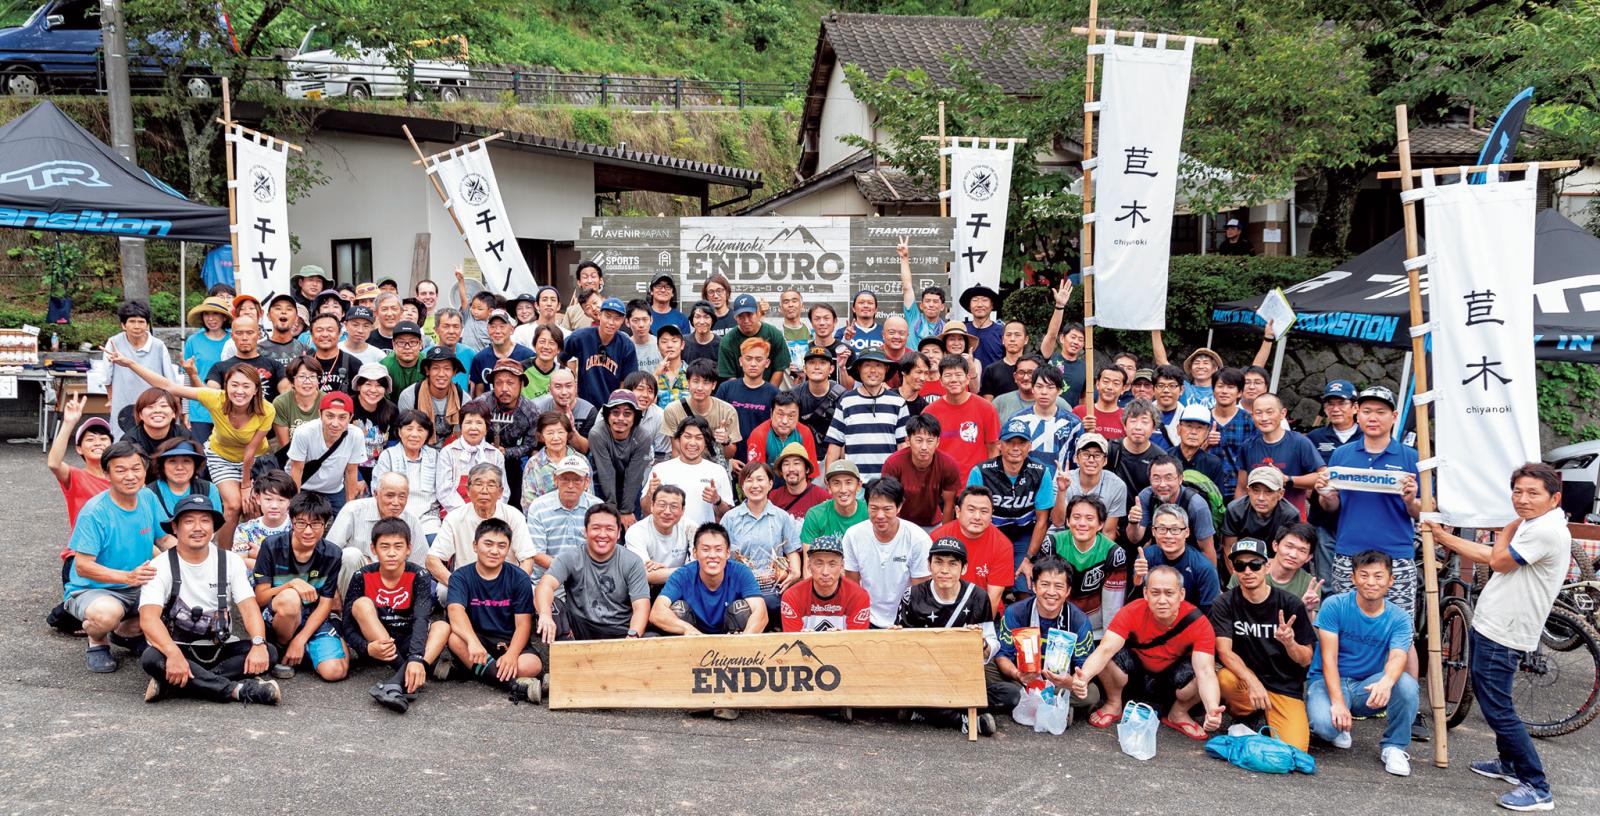 2017年から毎年8月に開催している「ちやのきエンデューロ」(2020年はコロナ対策のため中止。代わりのイベントを行った)には、全国からマウンテンバイク愛好者が集まる。彼らにより「苣木」の知名度も広まった。